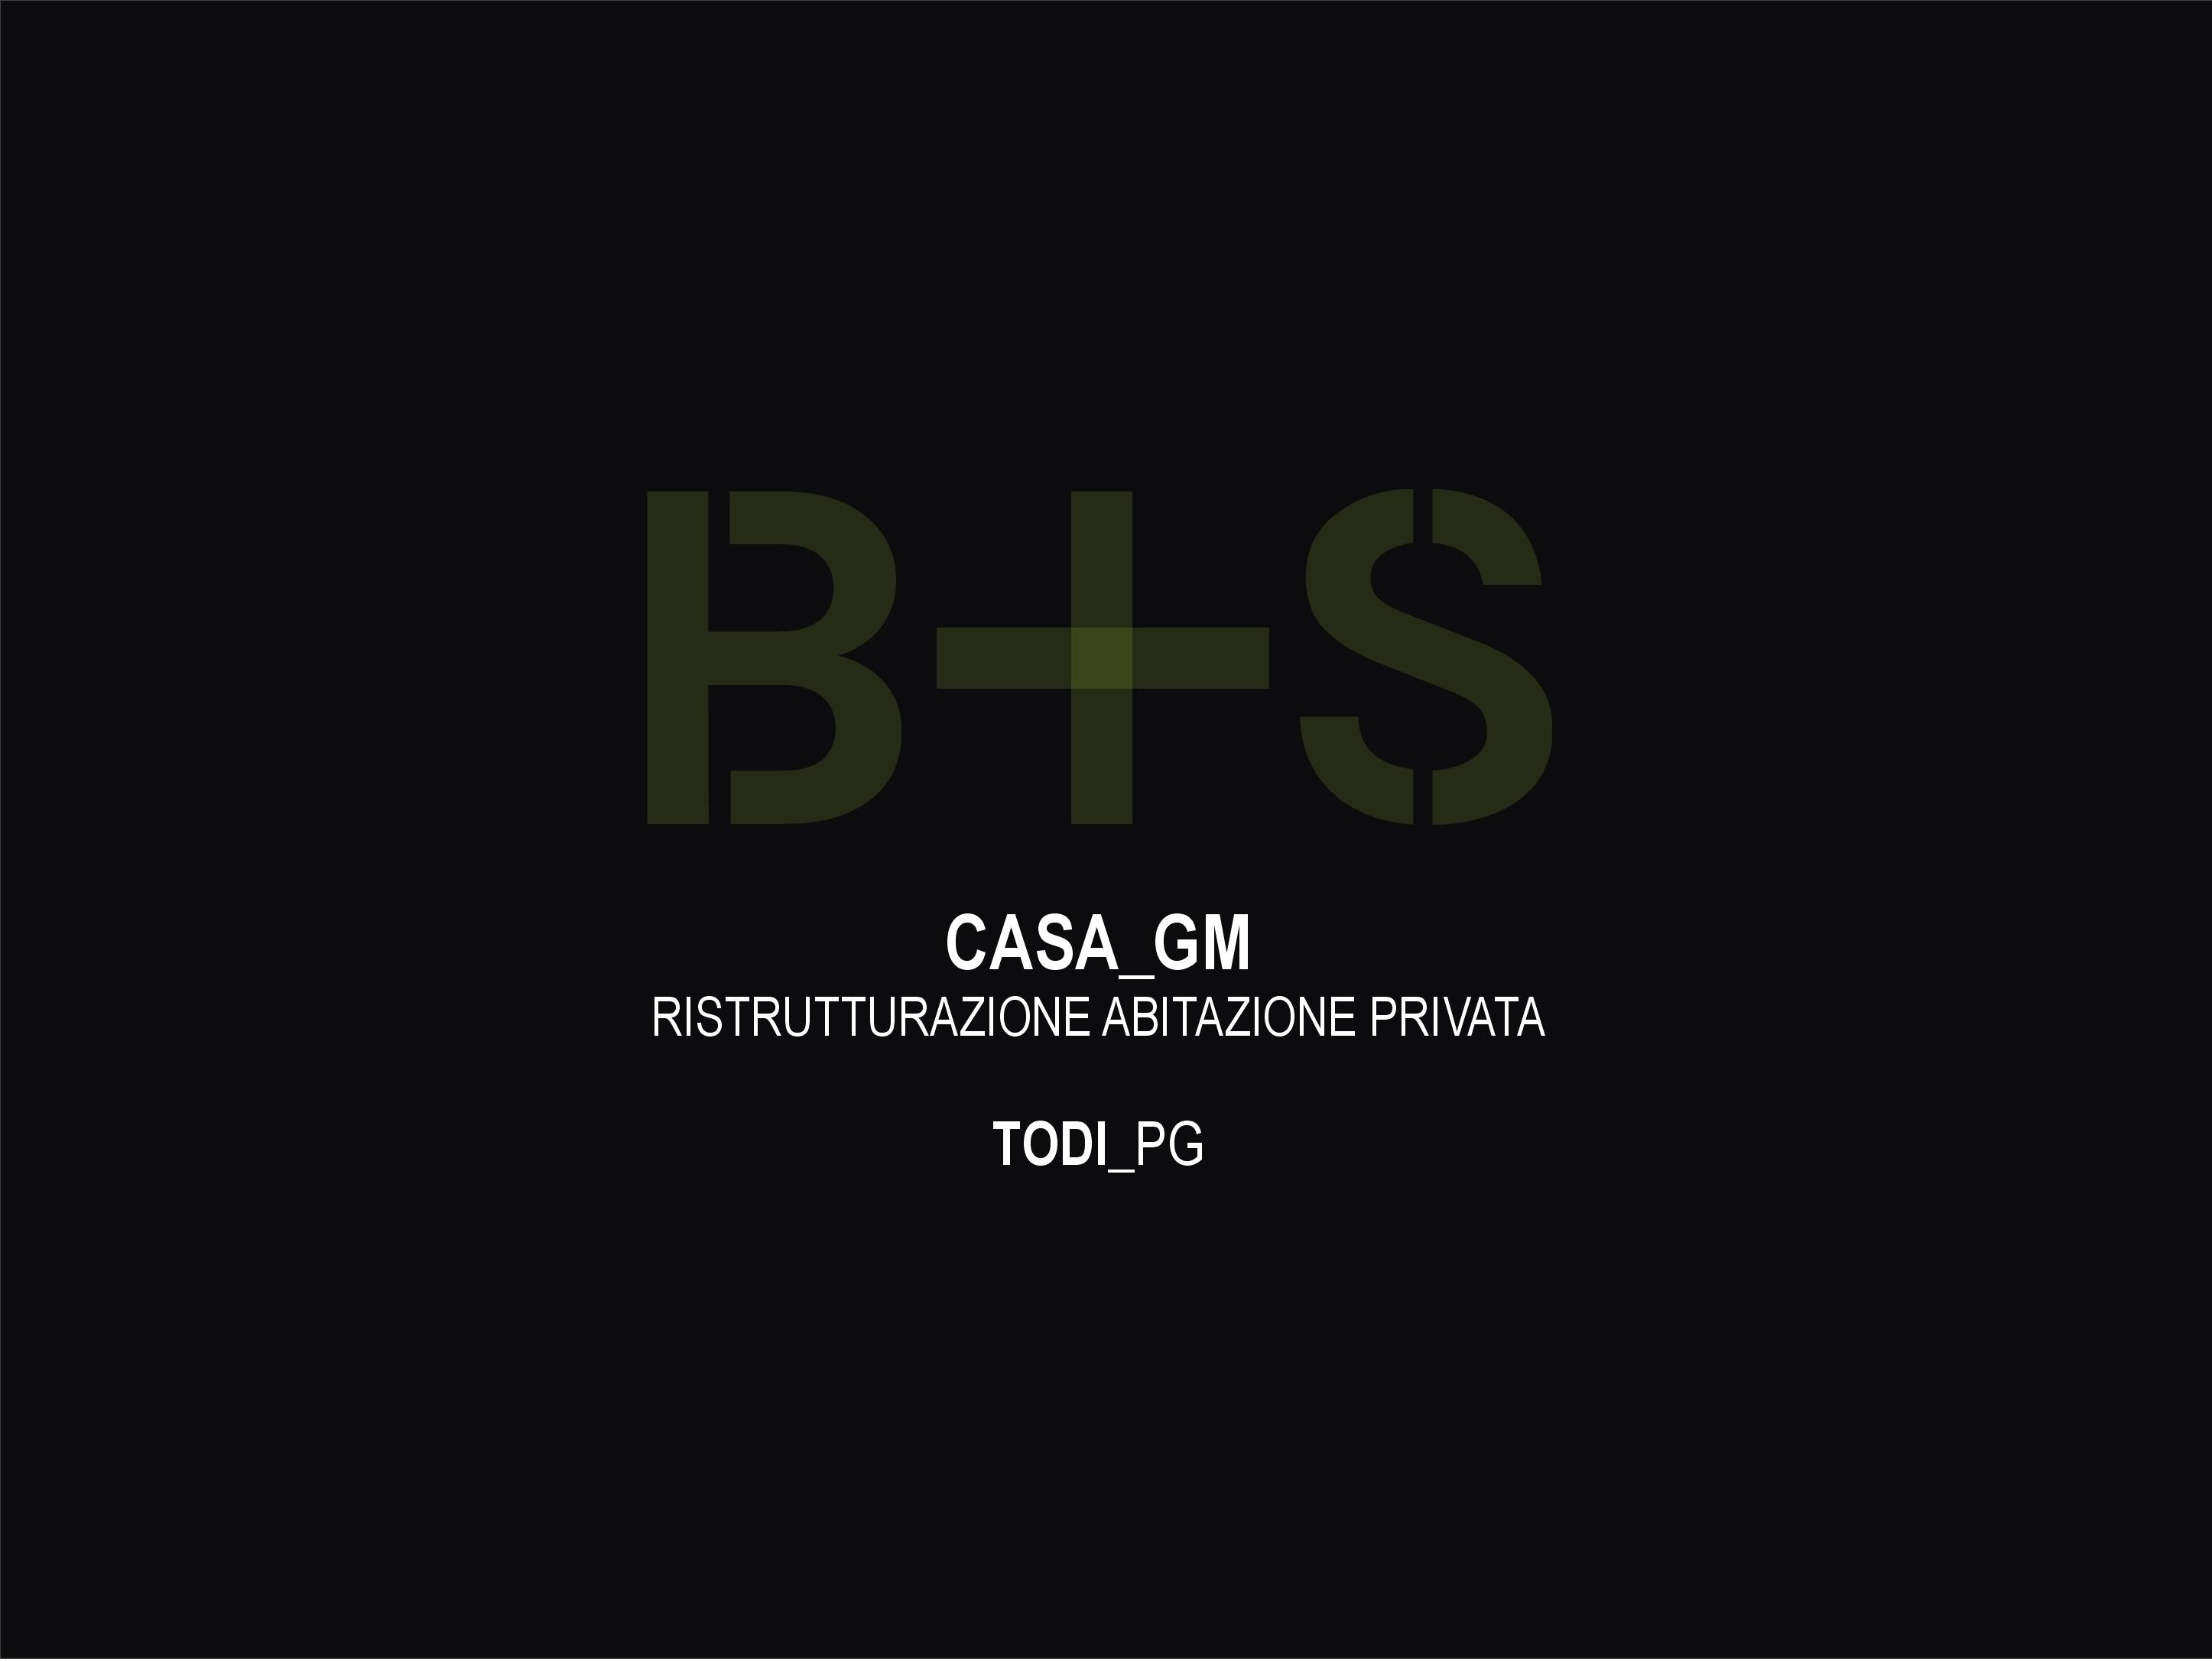 CASA_GM